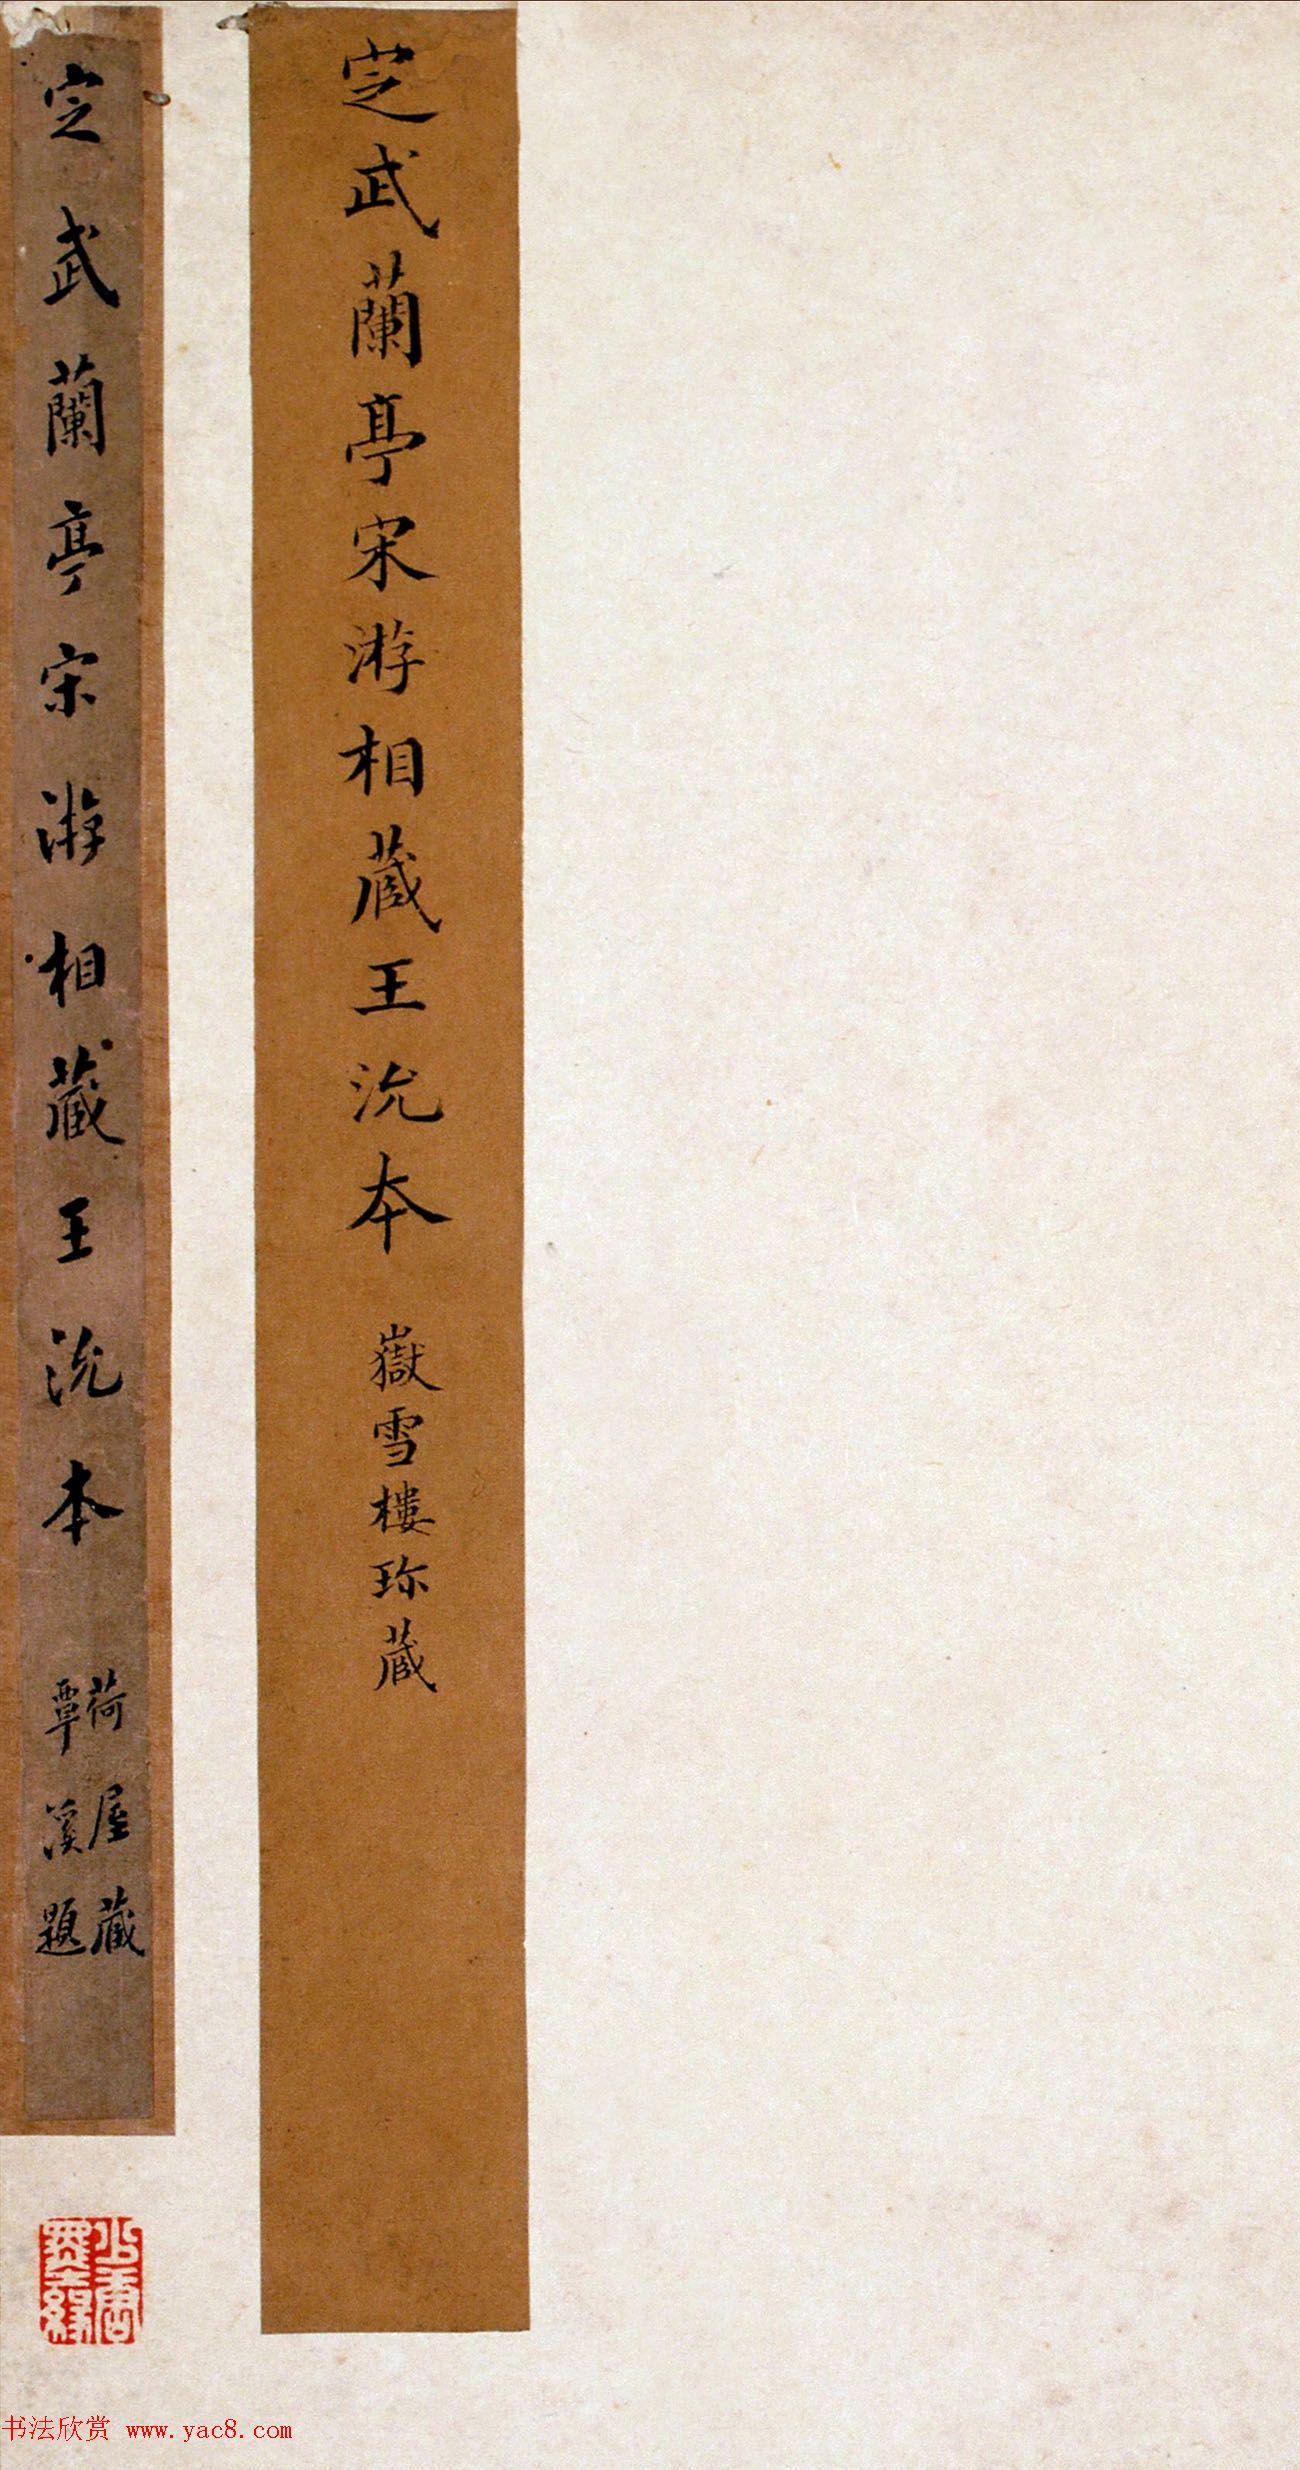 《宋拓王沇本兰亭序》手卷改装成册